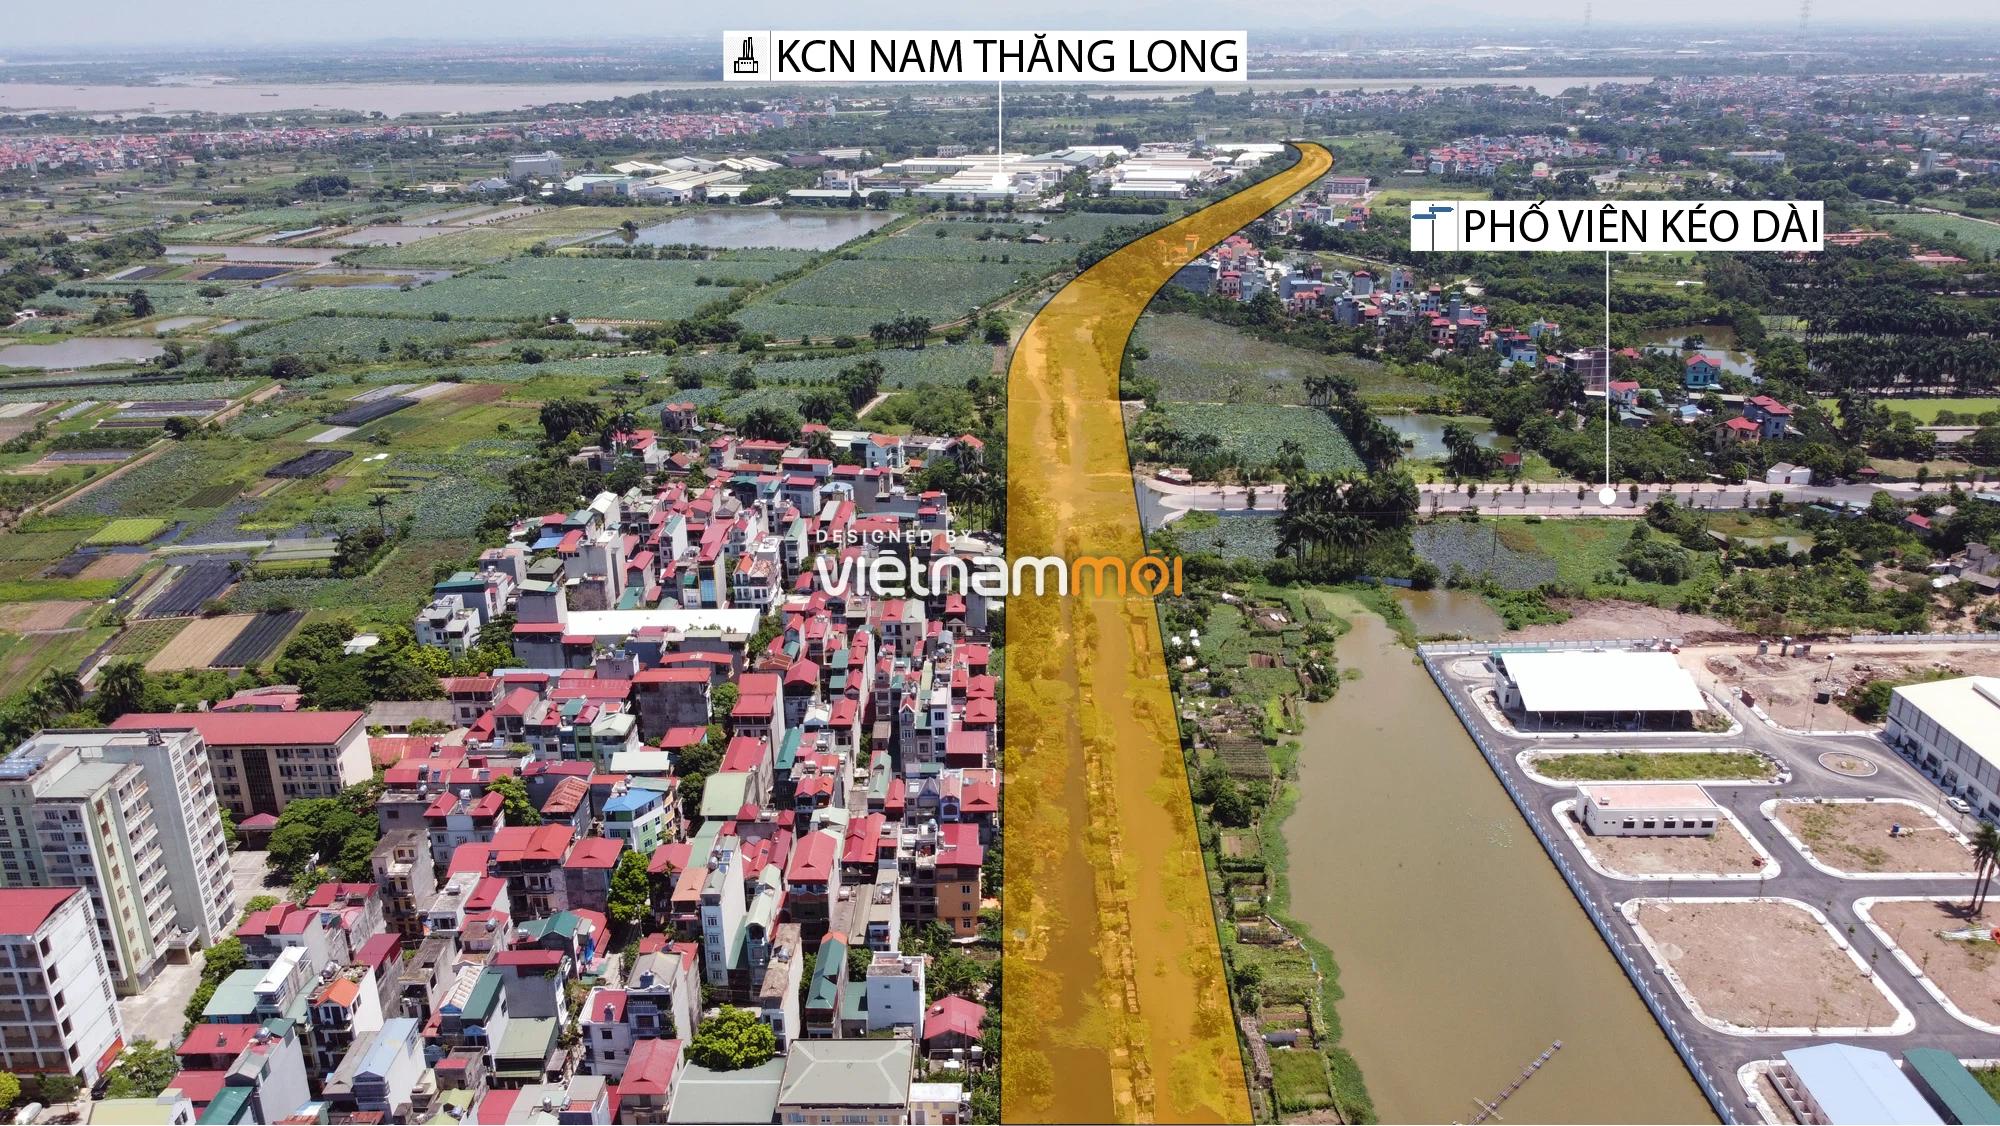 Chuyển động mới ở dự án đường vào KCN Nam Thăng Long, Bắc Từ Liêm, Hà Nội - Ảnh 7.